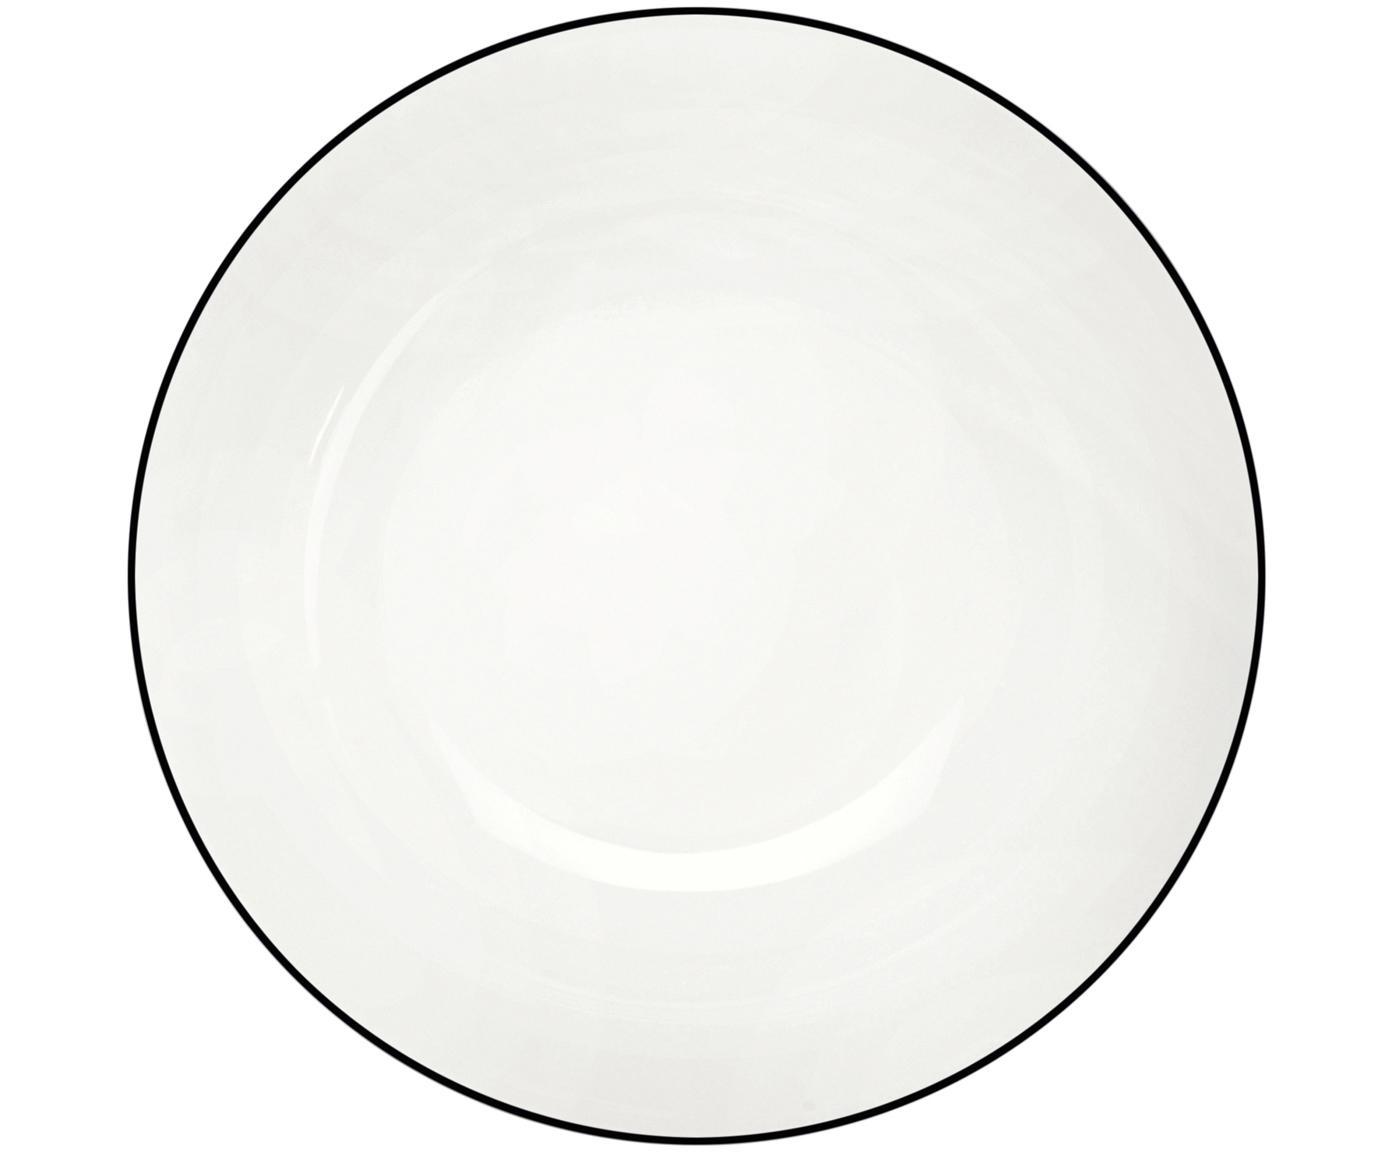 Dessertborden á table ligne noir, 4 stuks, Beenderporselein, Wit. Rand: zwart, Ø 21 cm